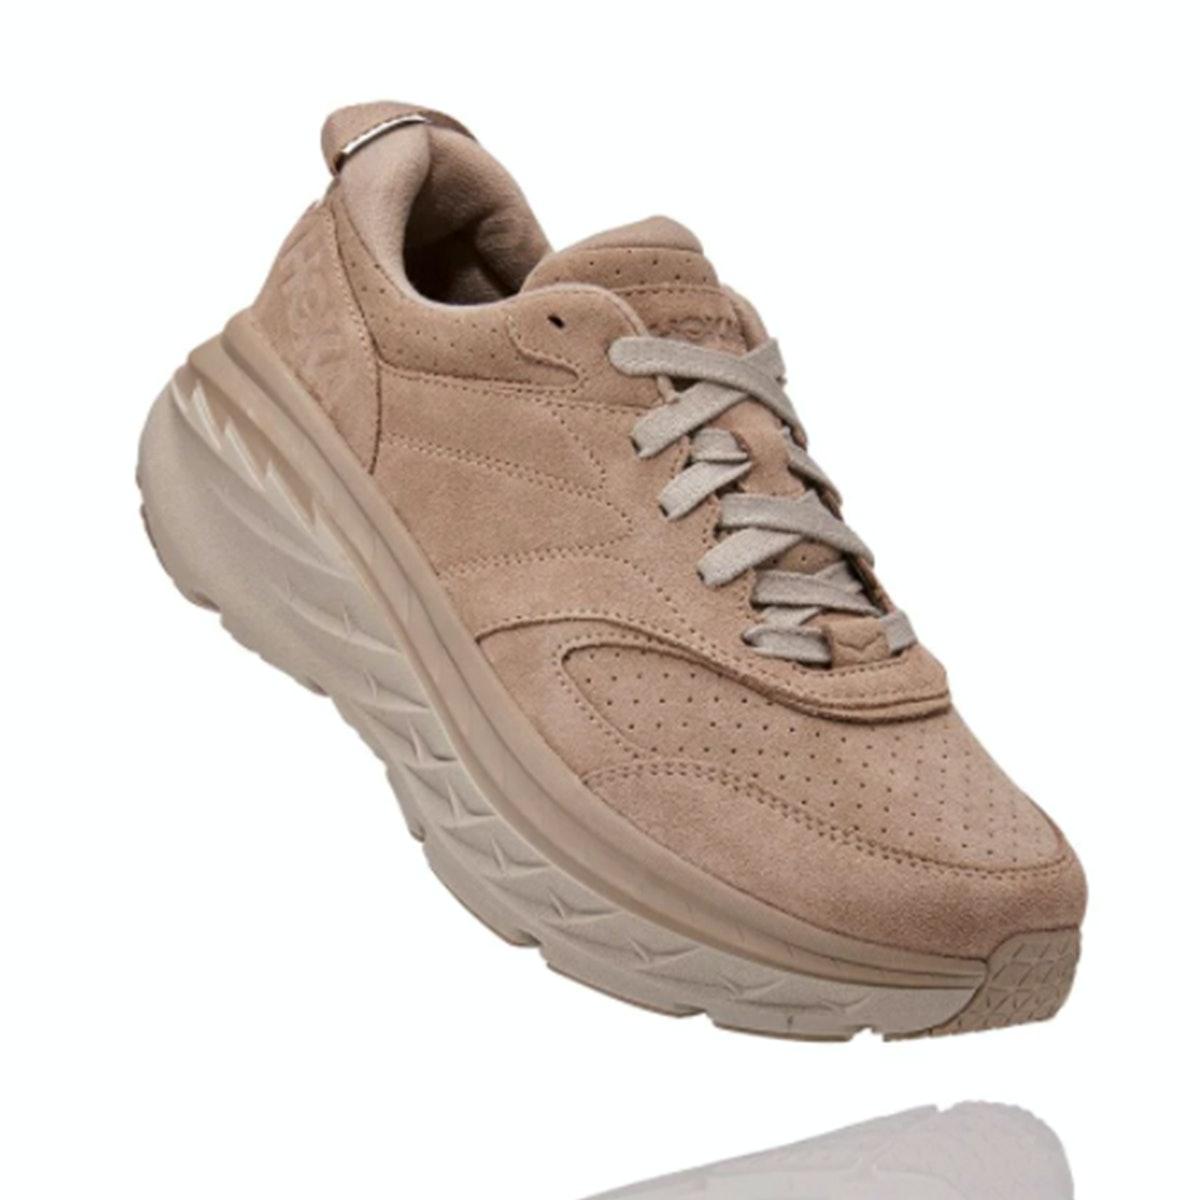 Bondi Shoe in Suede